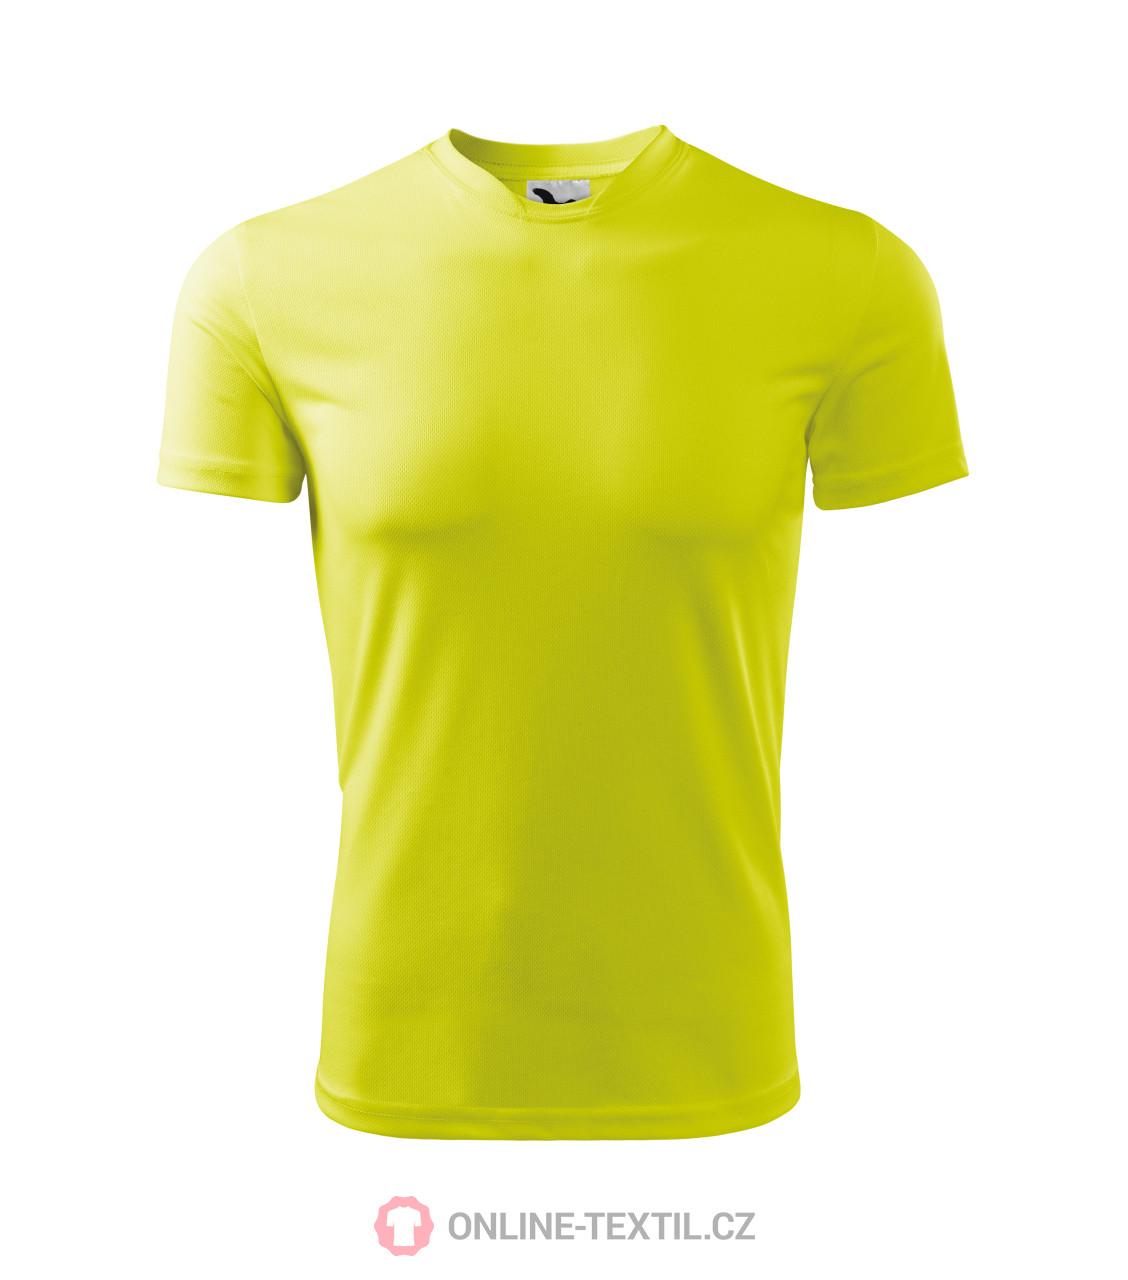 3b0575cda741a Detské športové tričko Fantasy; Detské športové tričko Fantasy ...